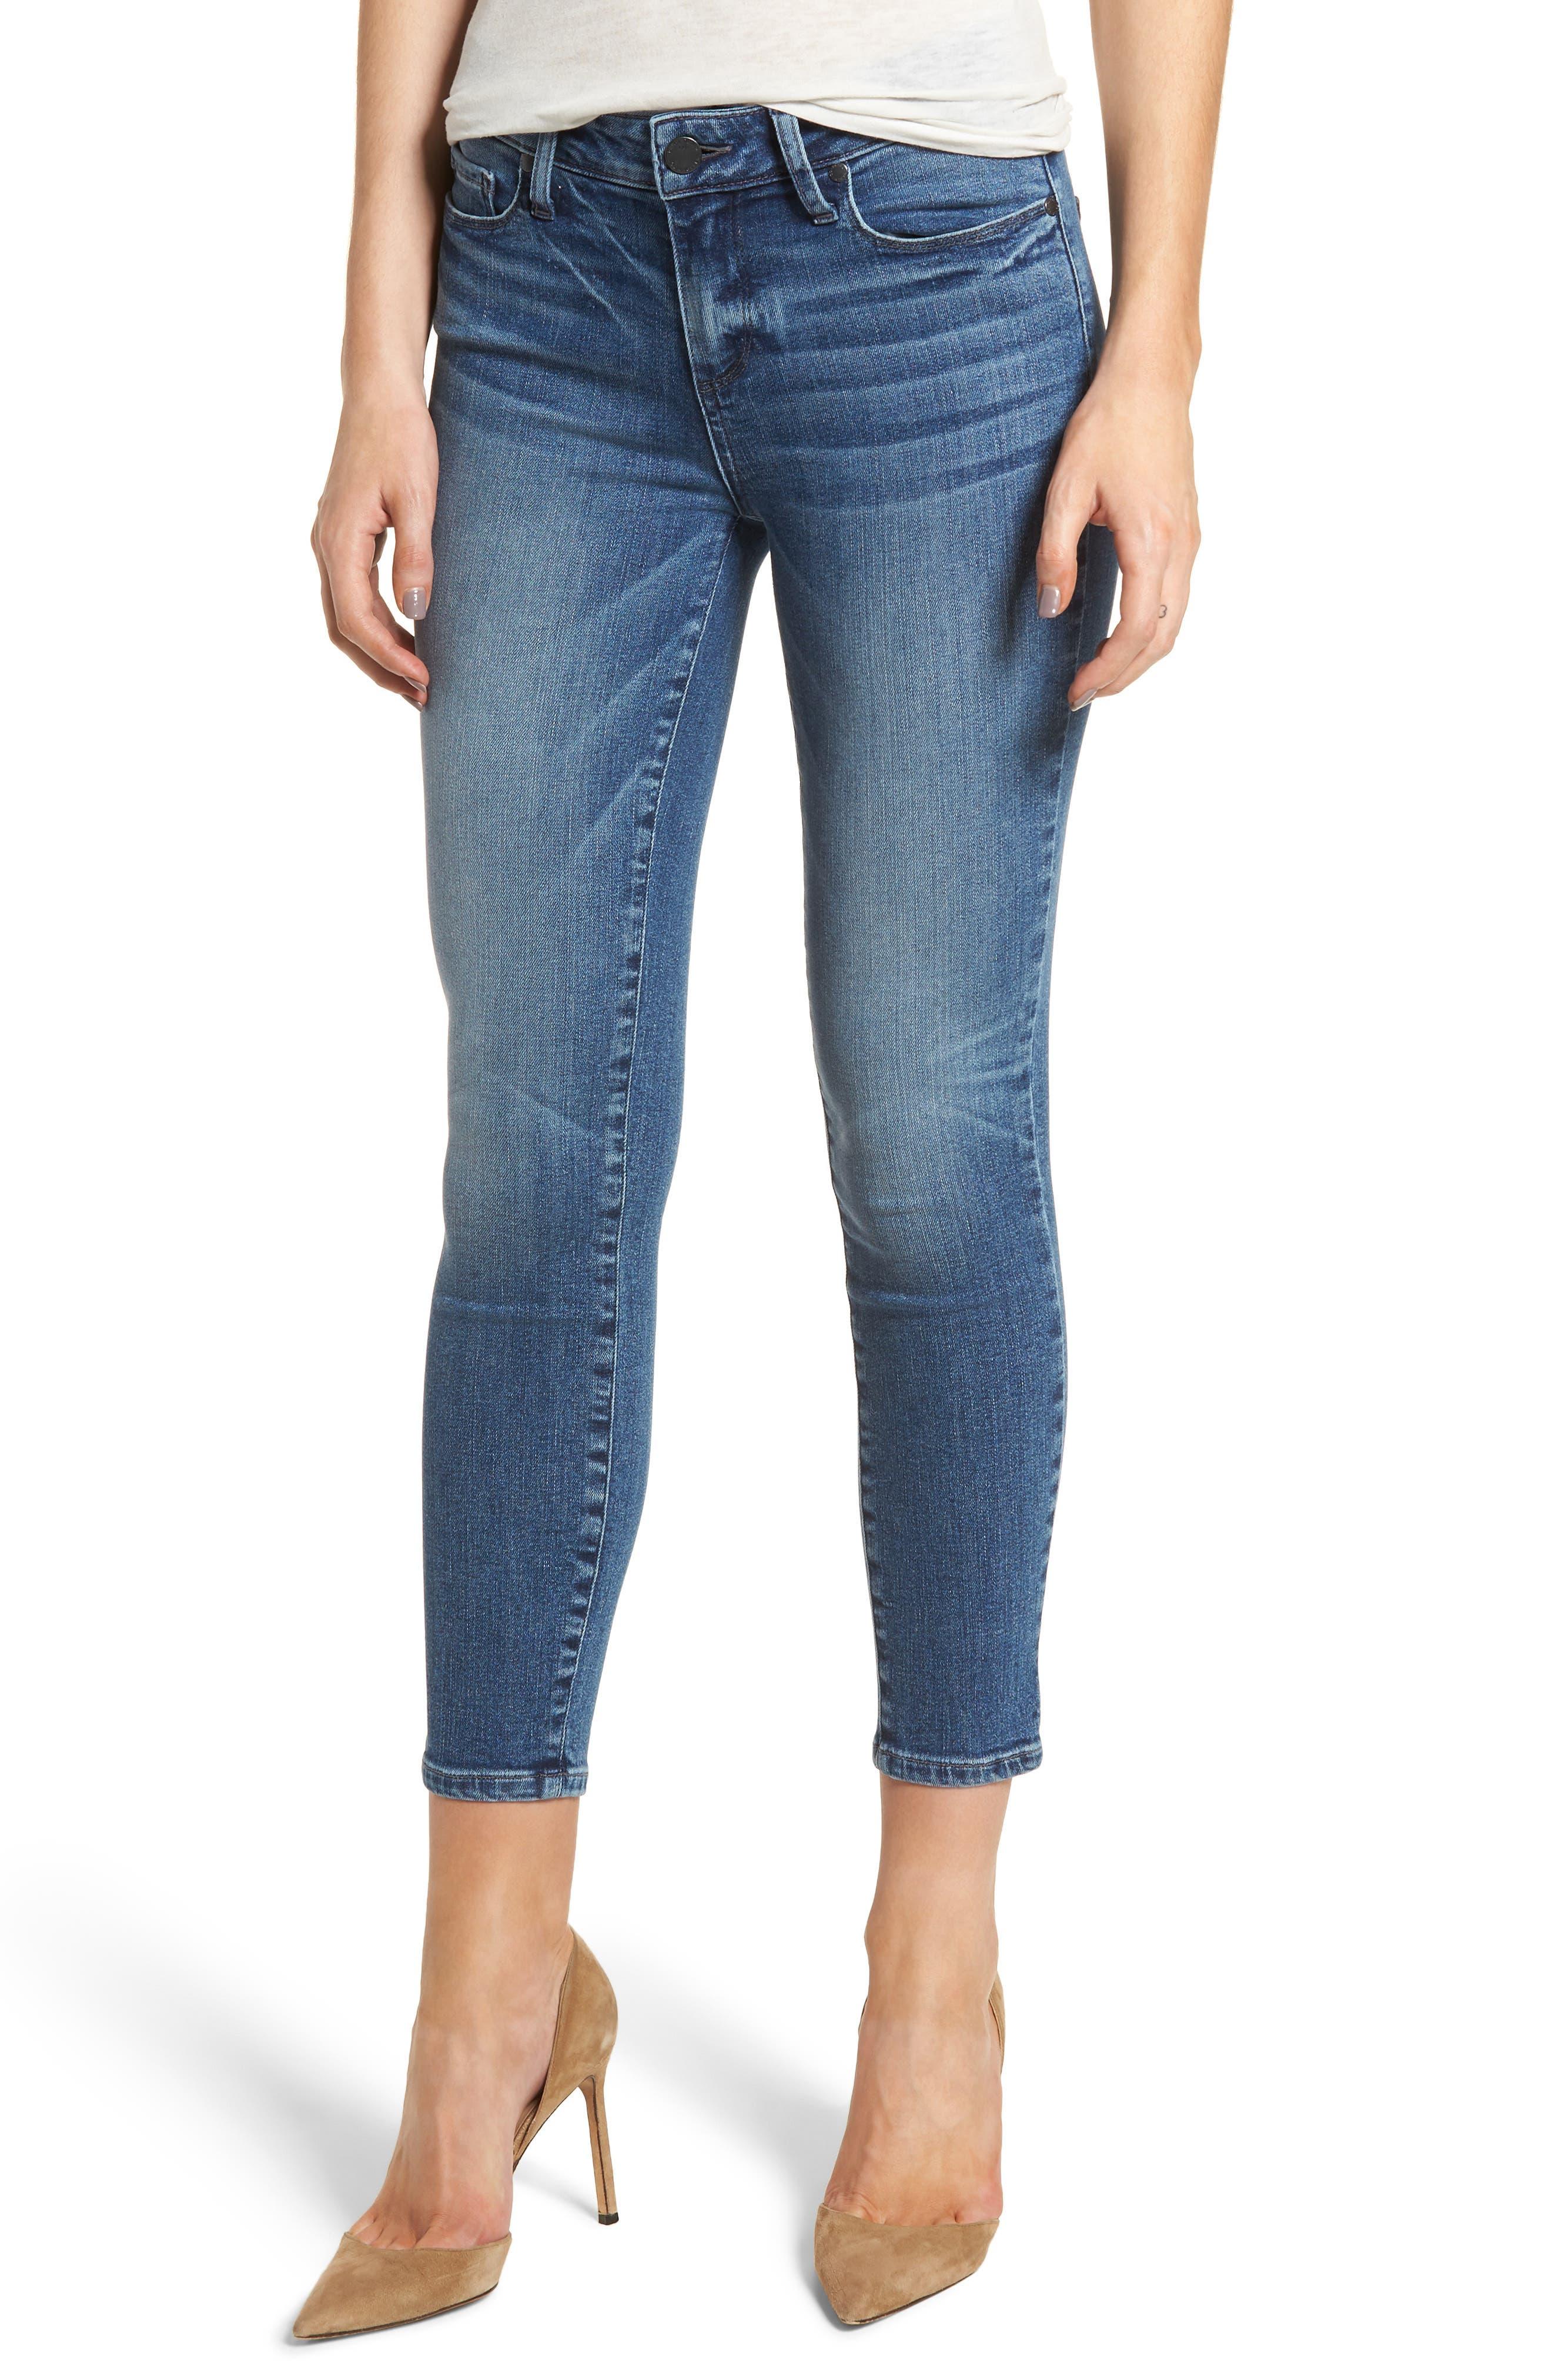 Transcend Vintage - Verdugo Crop Ultra Skinny Jeans,                         Main,                         color, 400